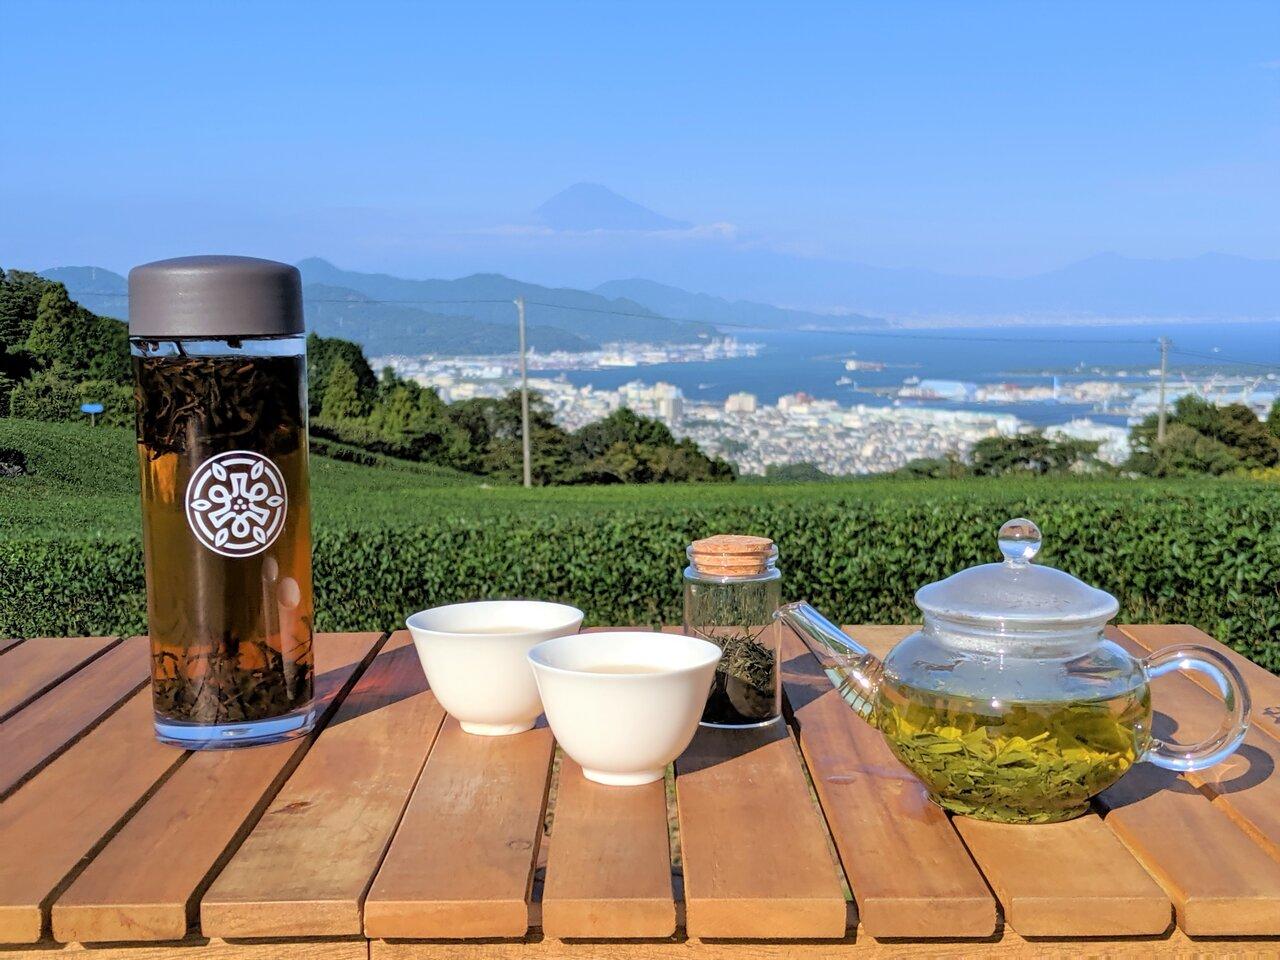 「茶の間」3カ月ぶりに通常予約再開!深緑の茶畑につくられたティーテラスで、三密を避けて再会を